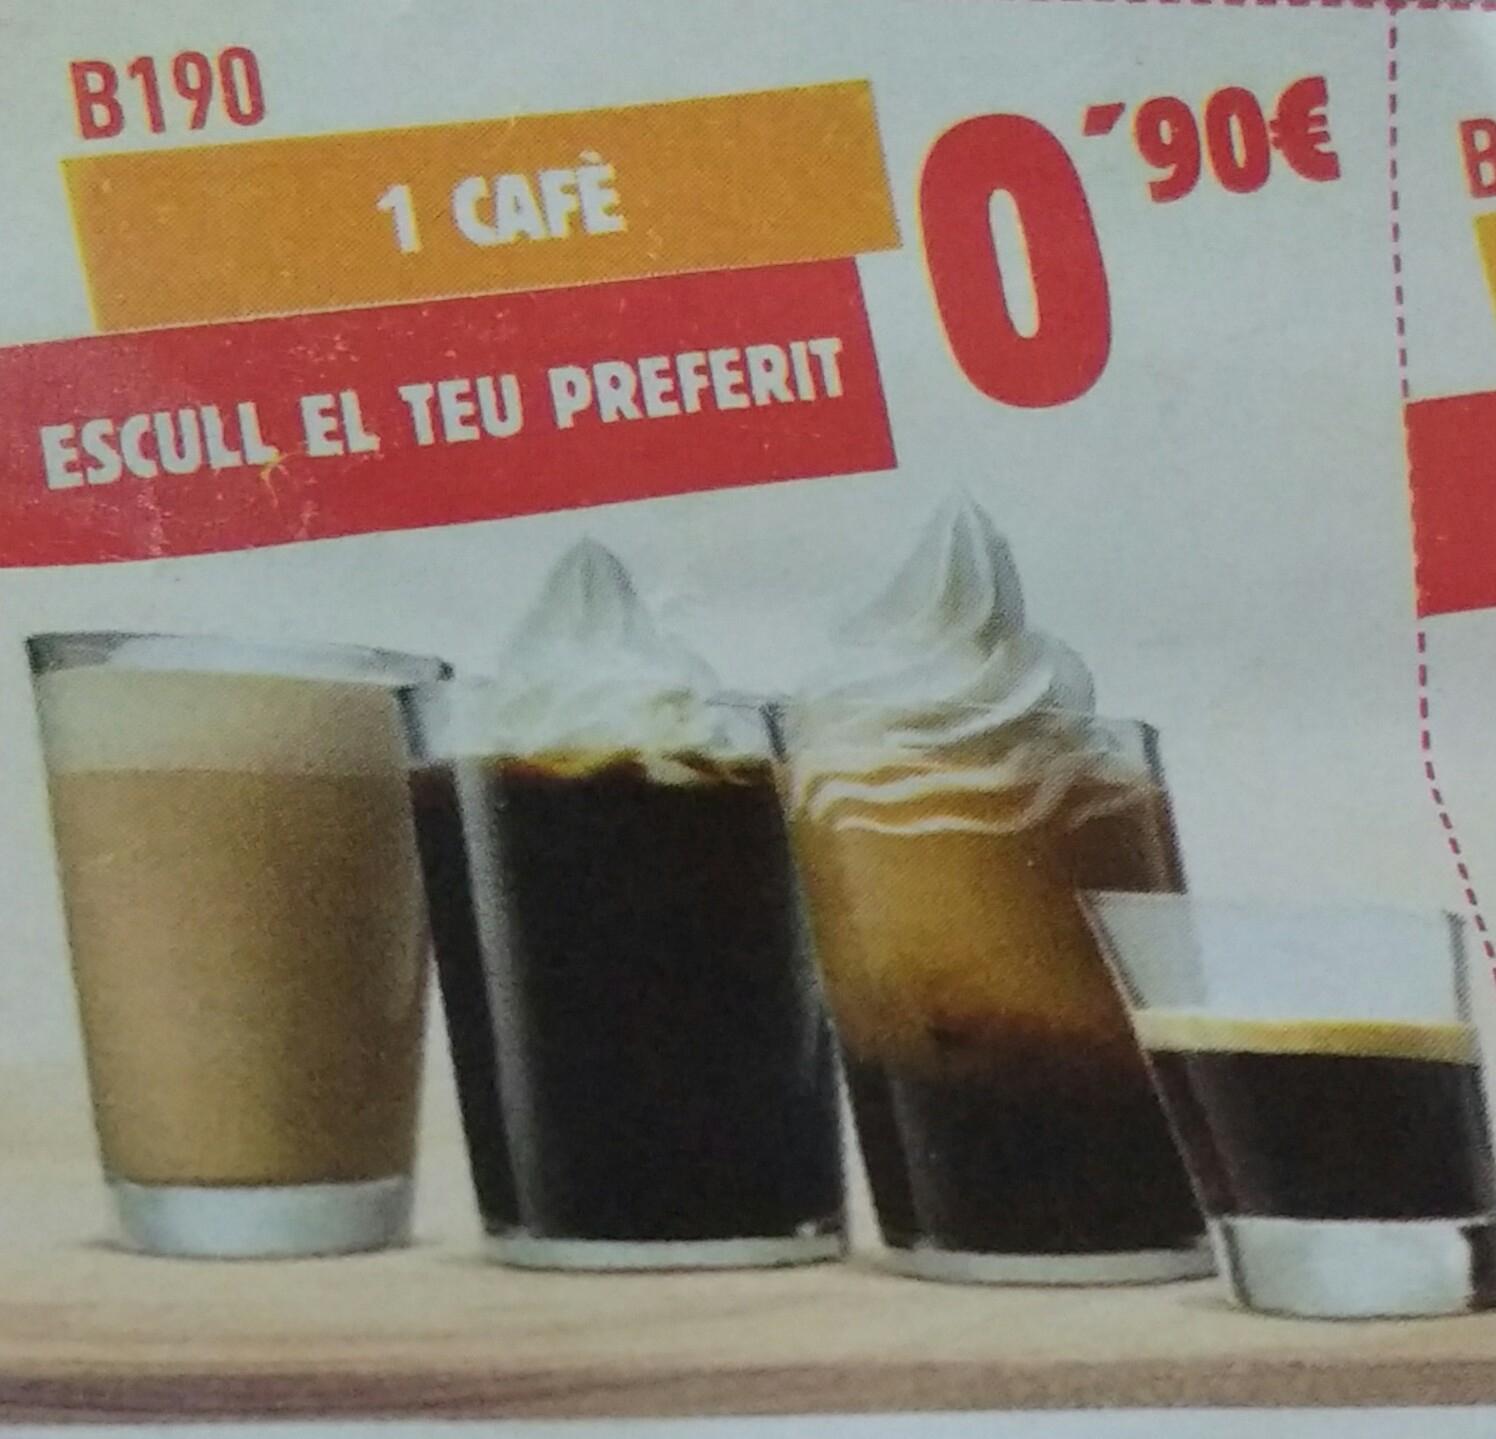 Elige tu café preferido burguer King